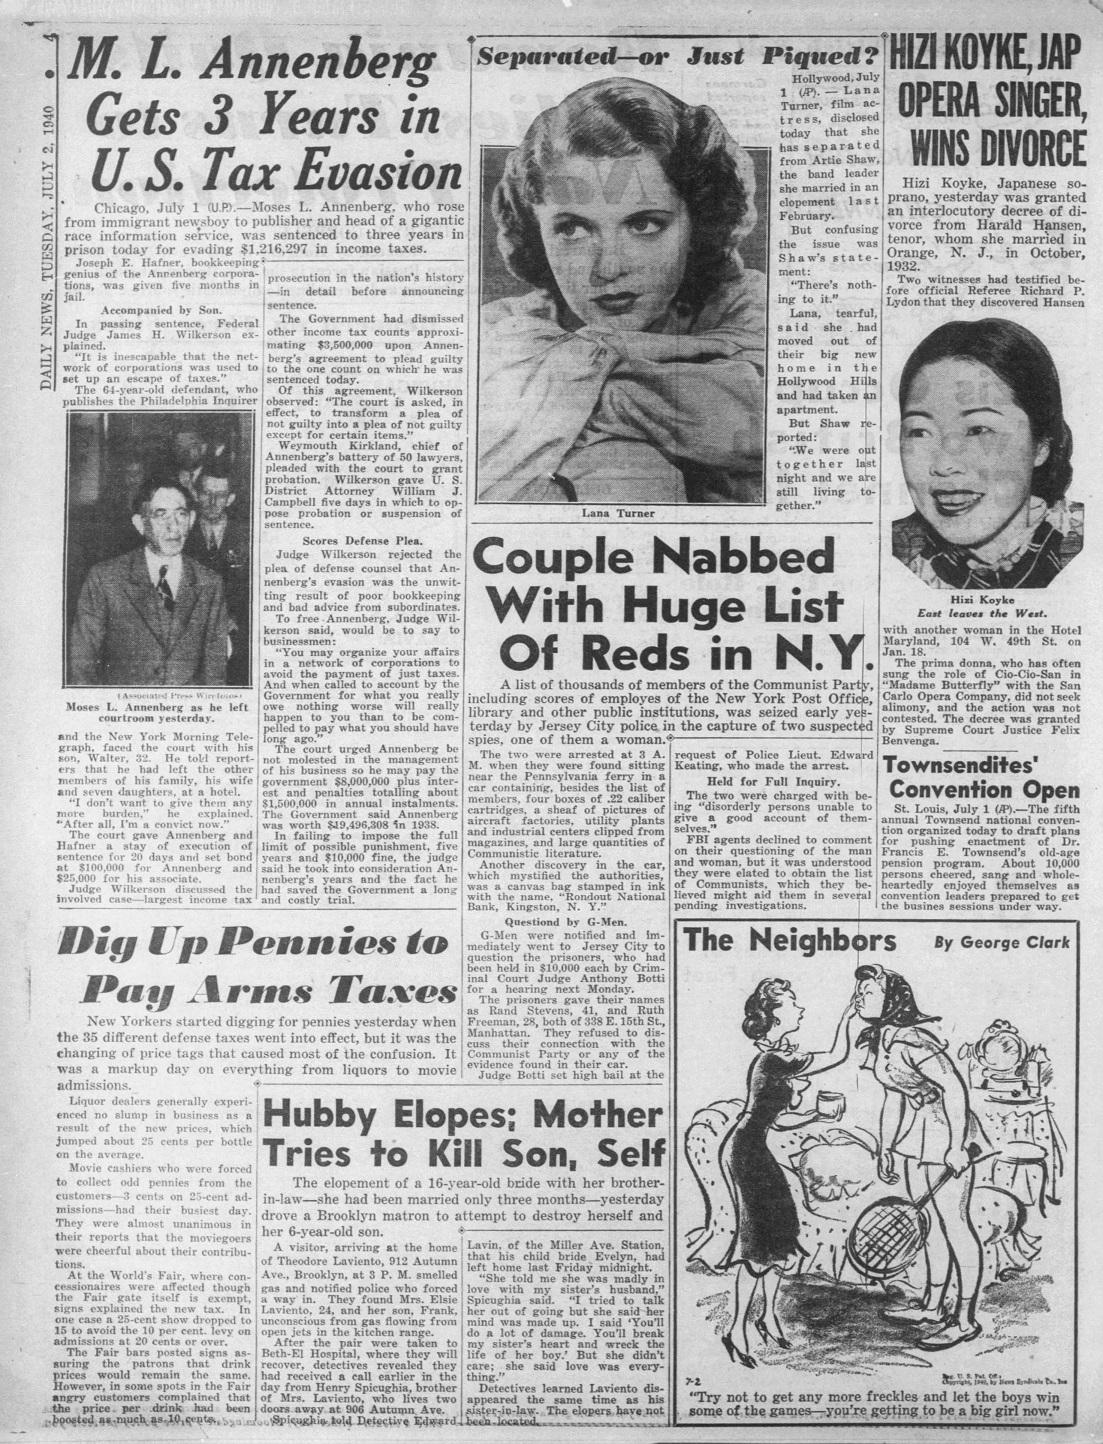 Daily_News_Tue__Jul_2__1940_.jpg